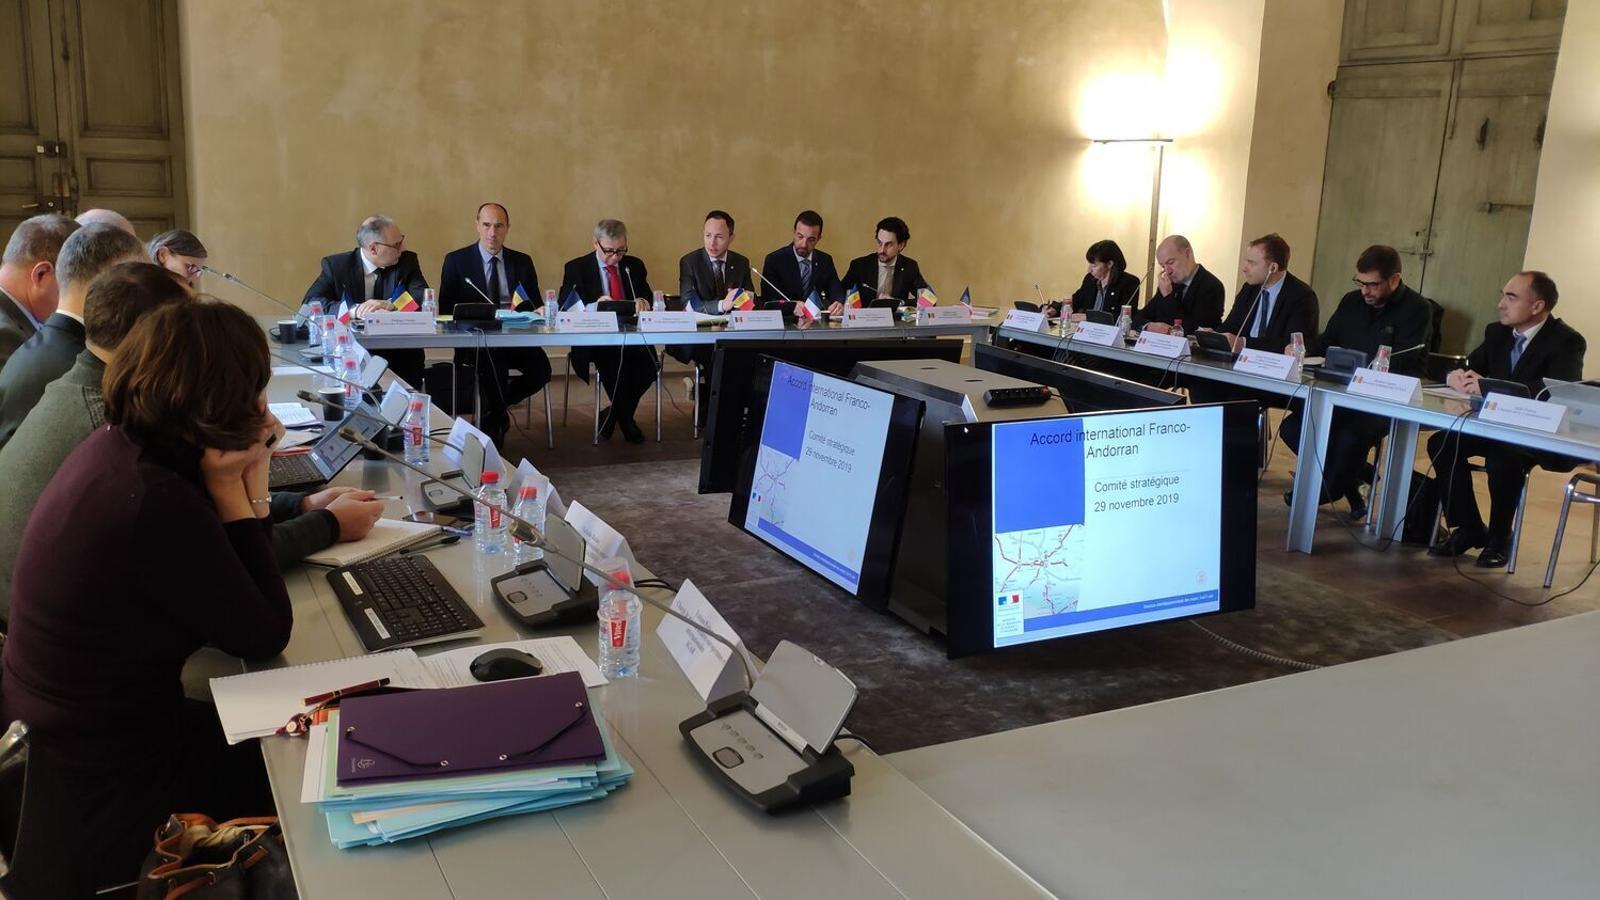 Moment d'una reunió del Copil entre representants de França i Andorra el 2019